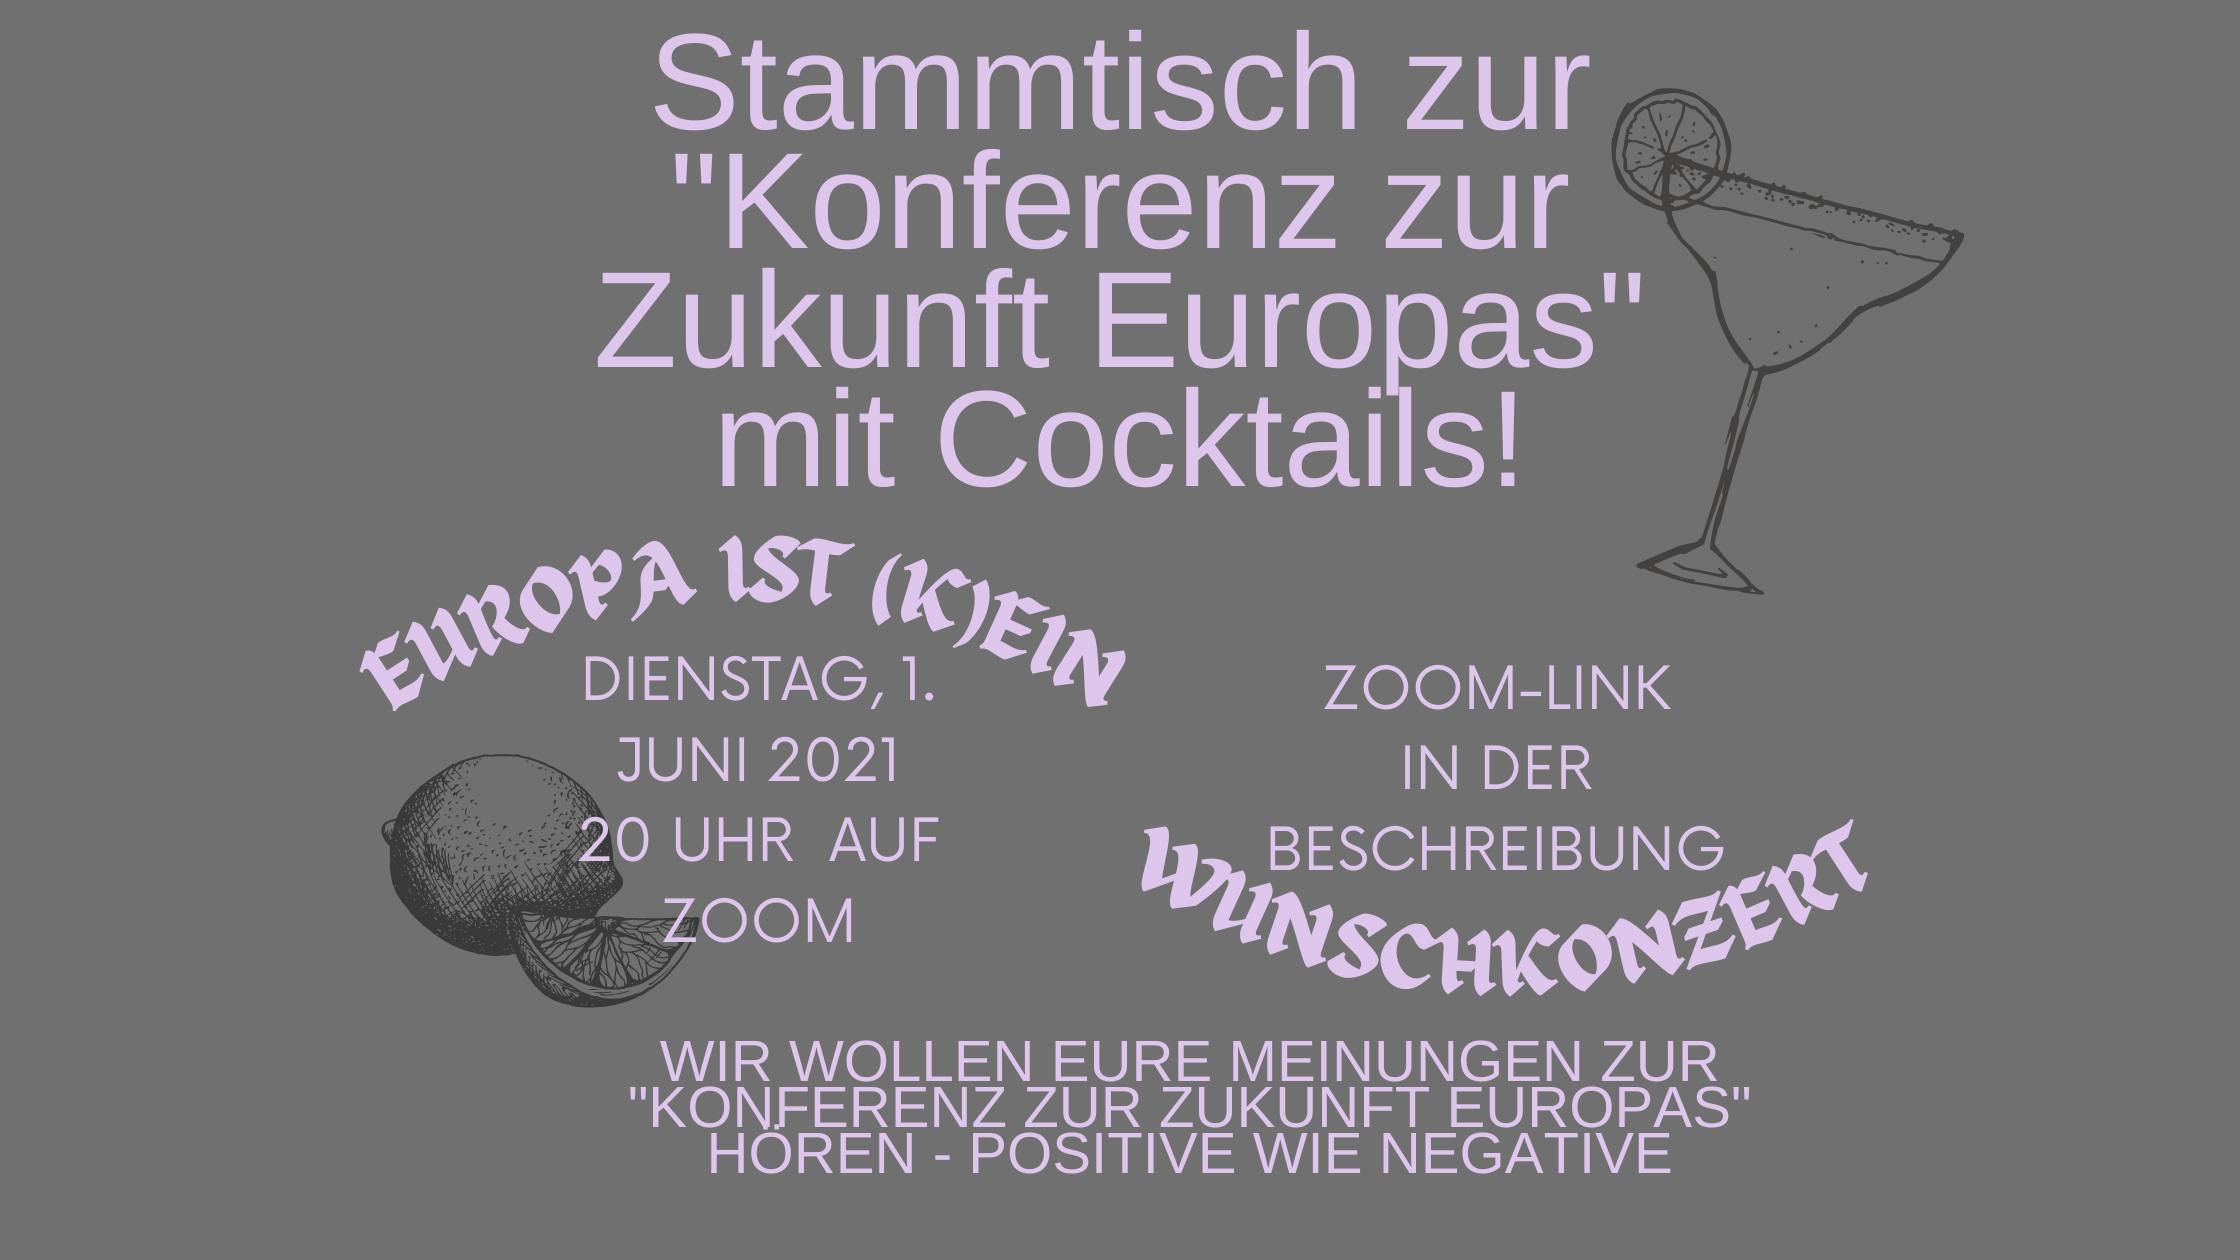 """Stammtisch zur """"Konferenz zur Zukunft Europas"""" mit Cocktails!"""